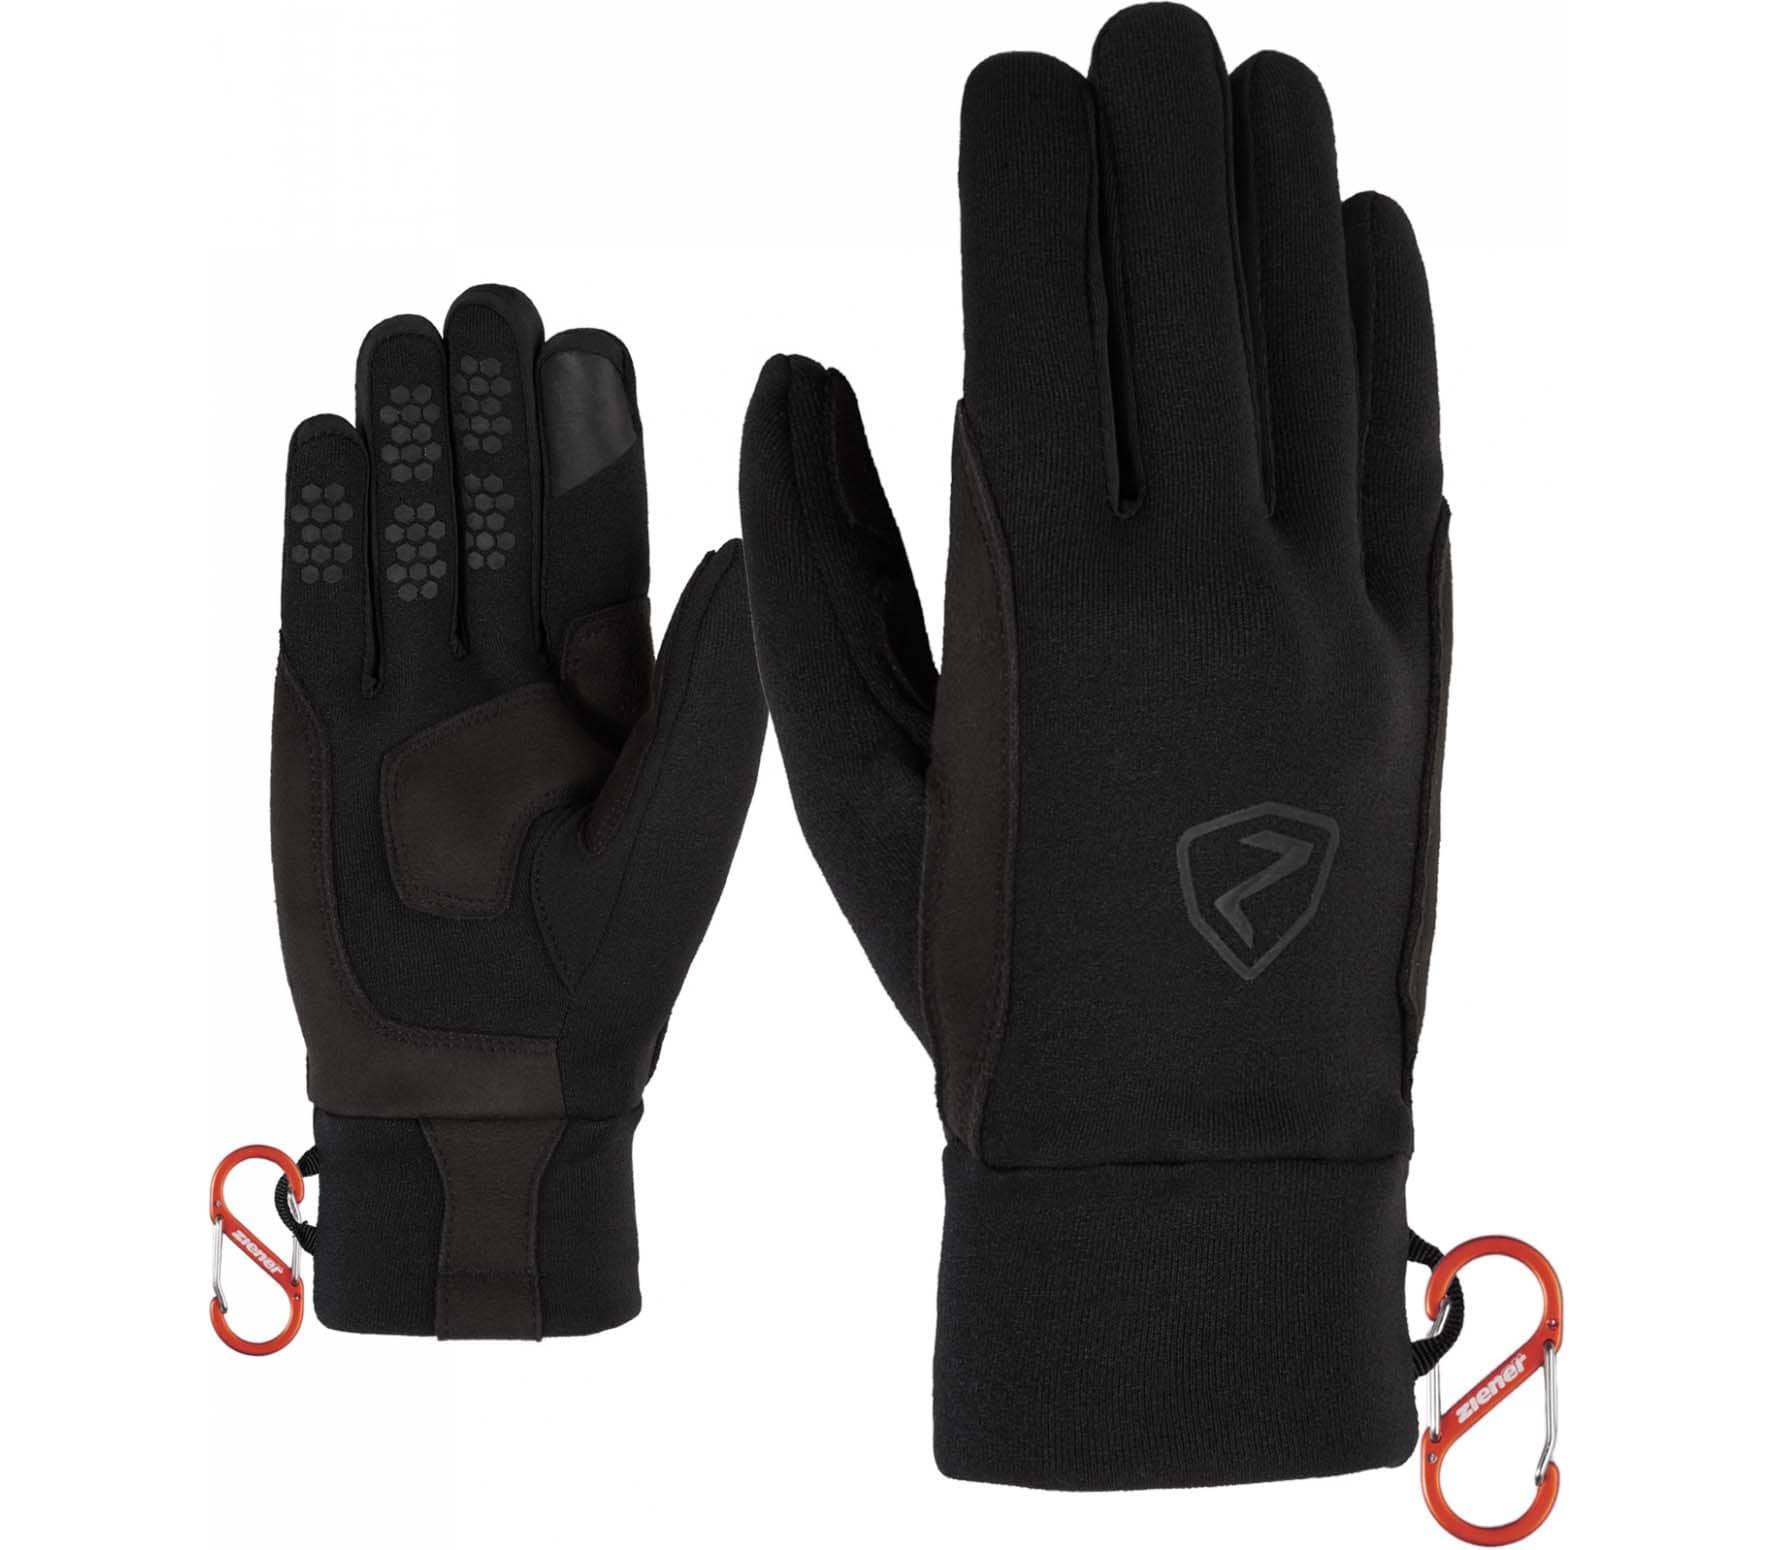 Ziener Gusty Touch Unisex Handschuhe (schwarz) 42,90 €